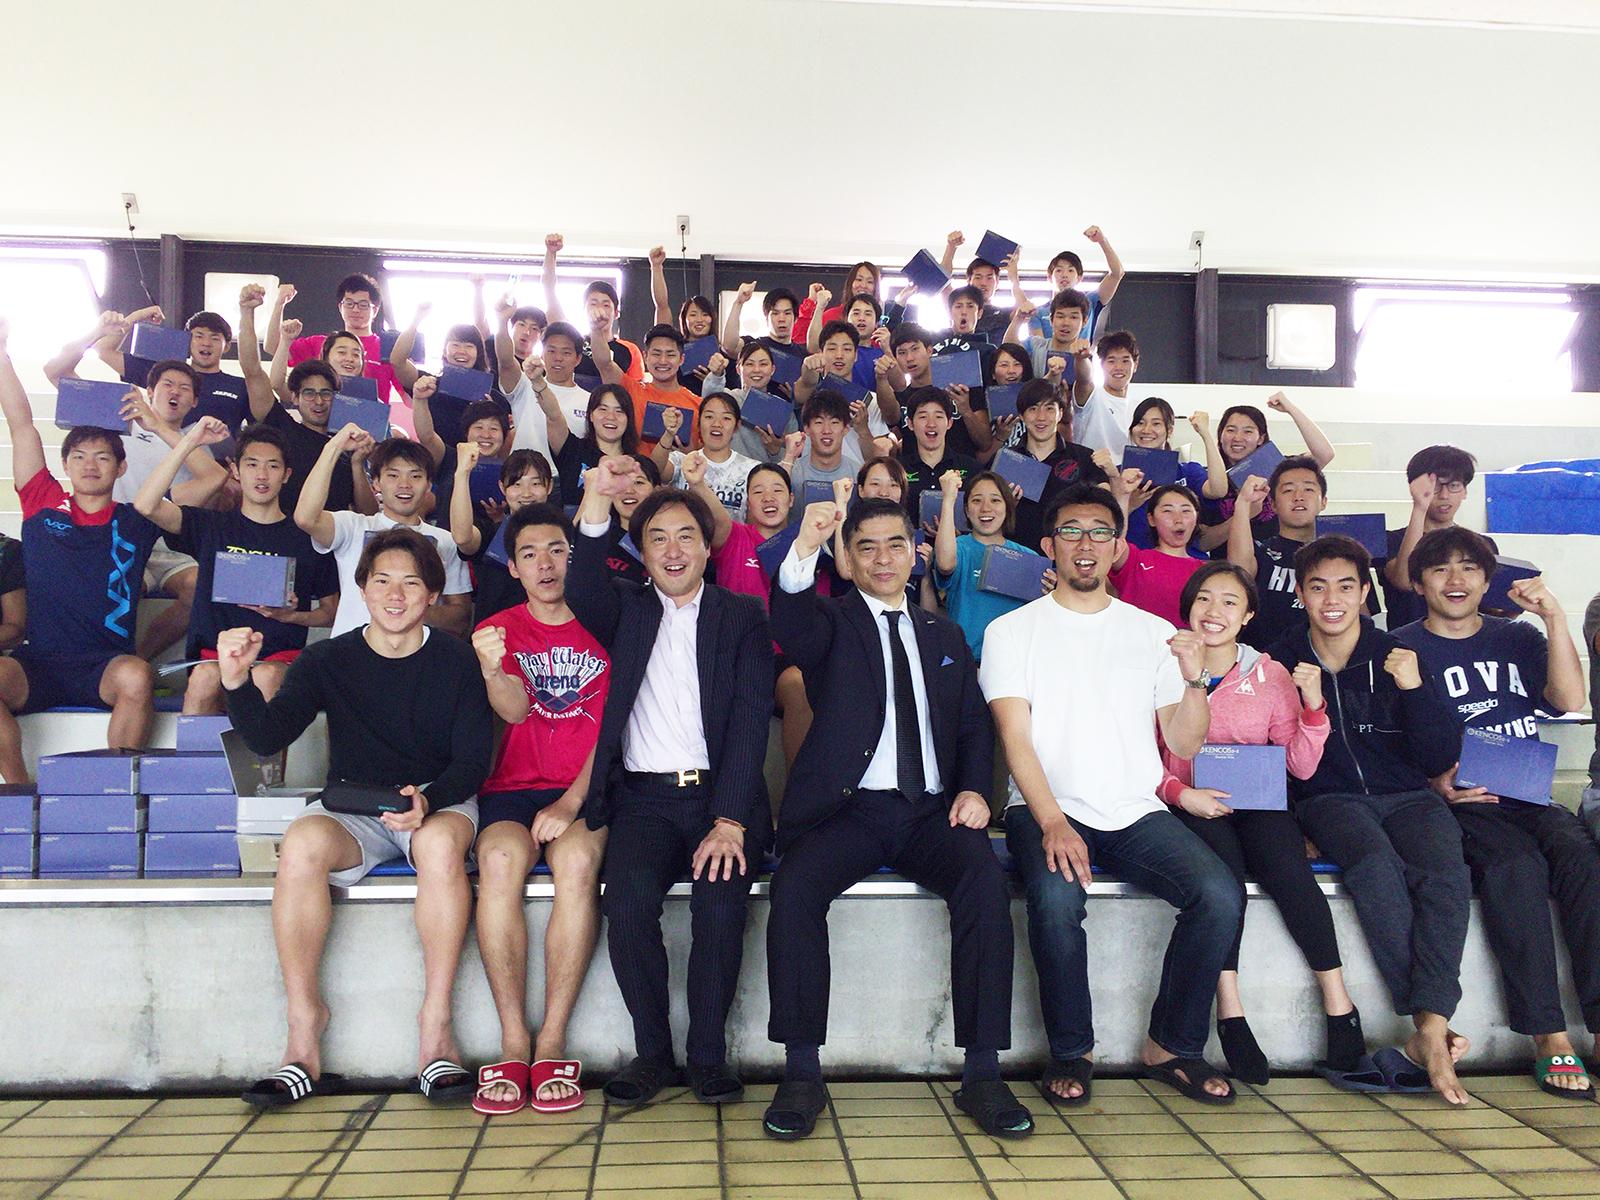 近畿大学 水上競技部の部員の皆様と山本貴司監督、アクアバンク代表竹原タカシとの記念撮影